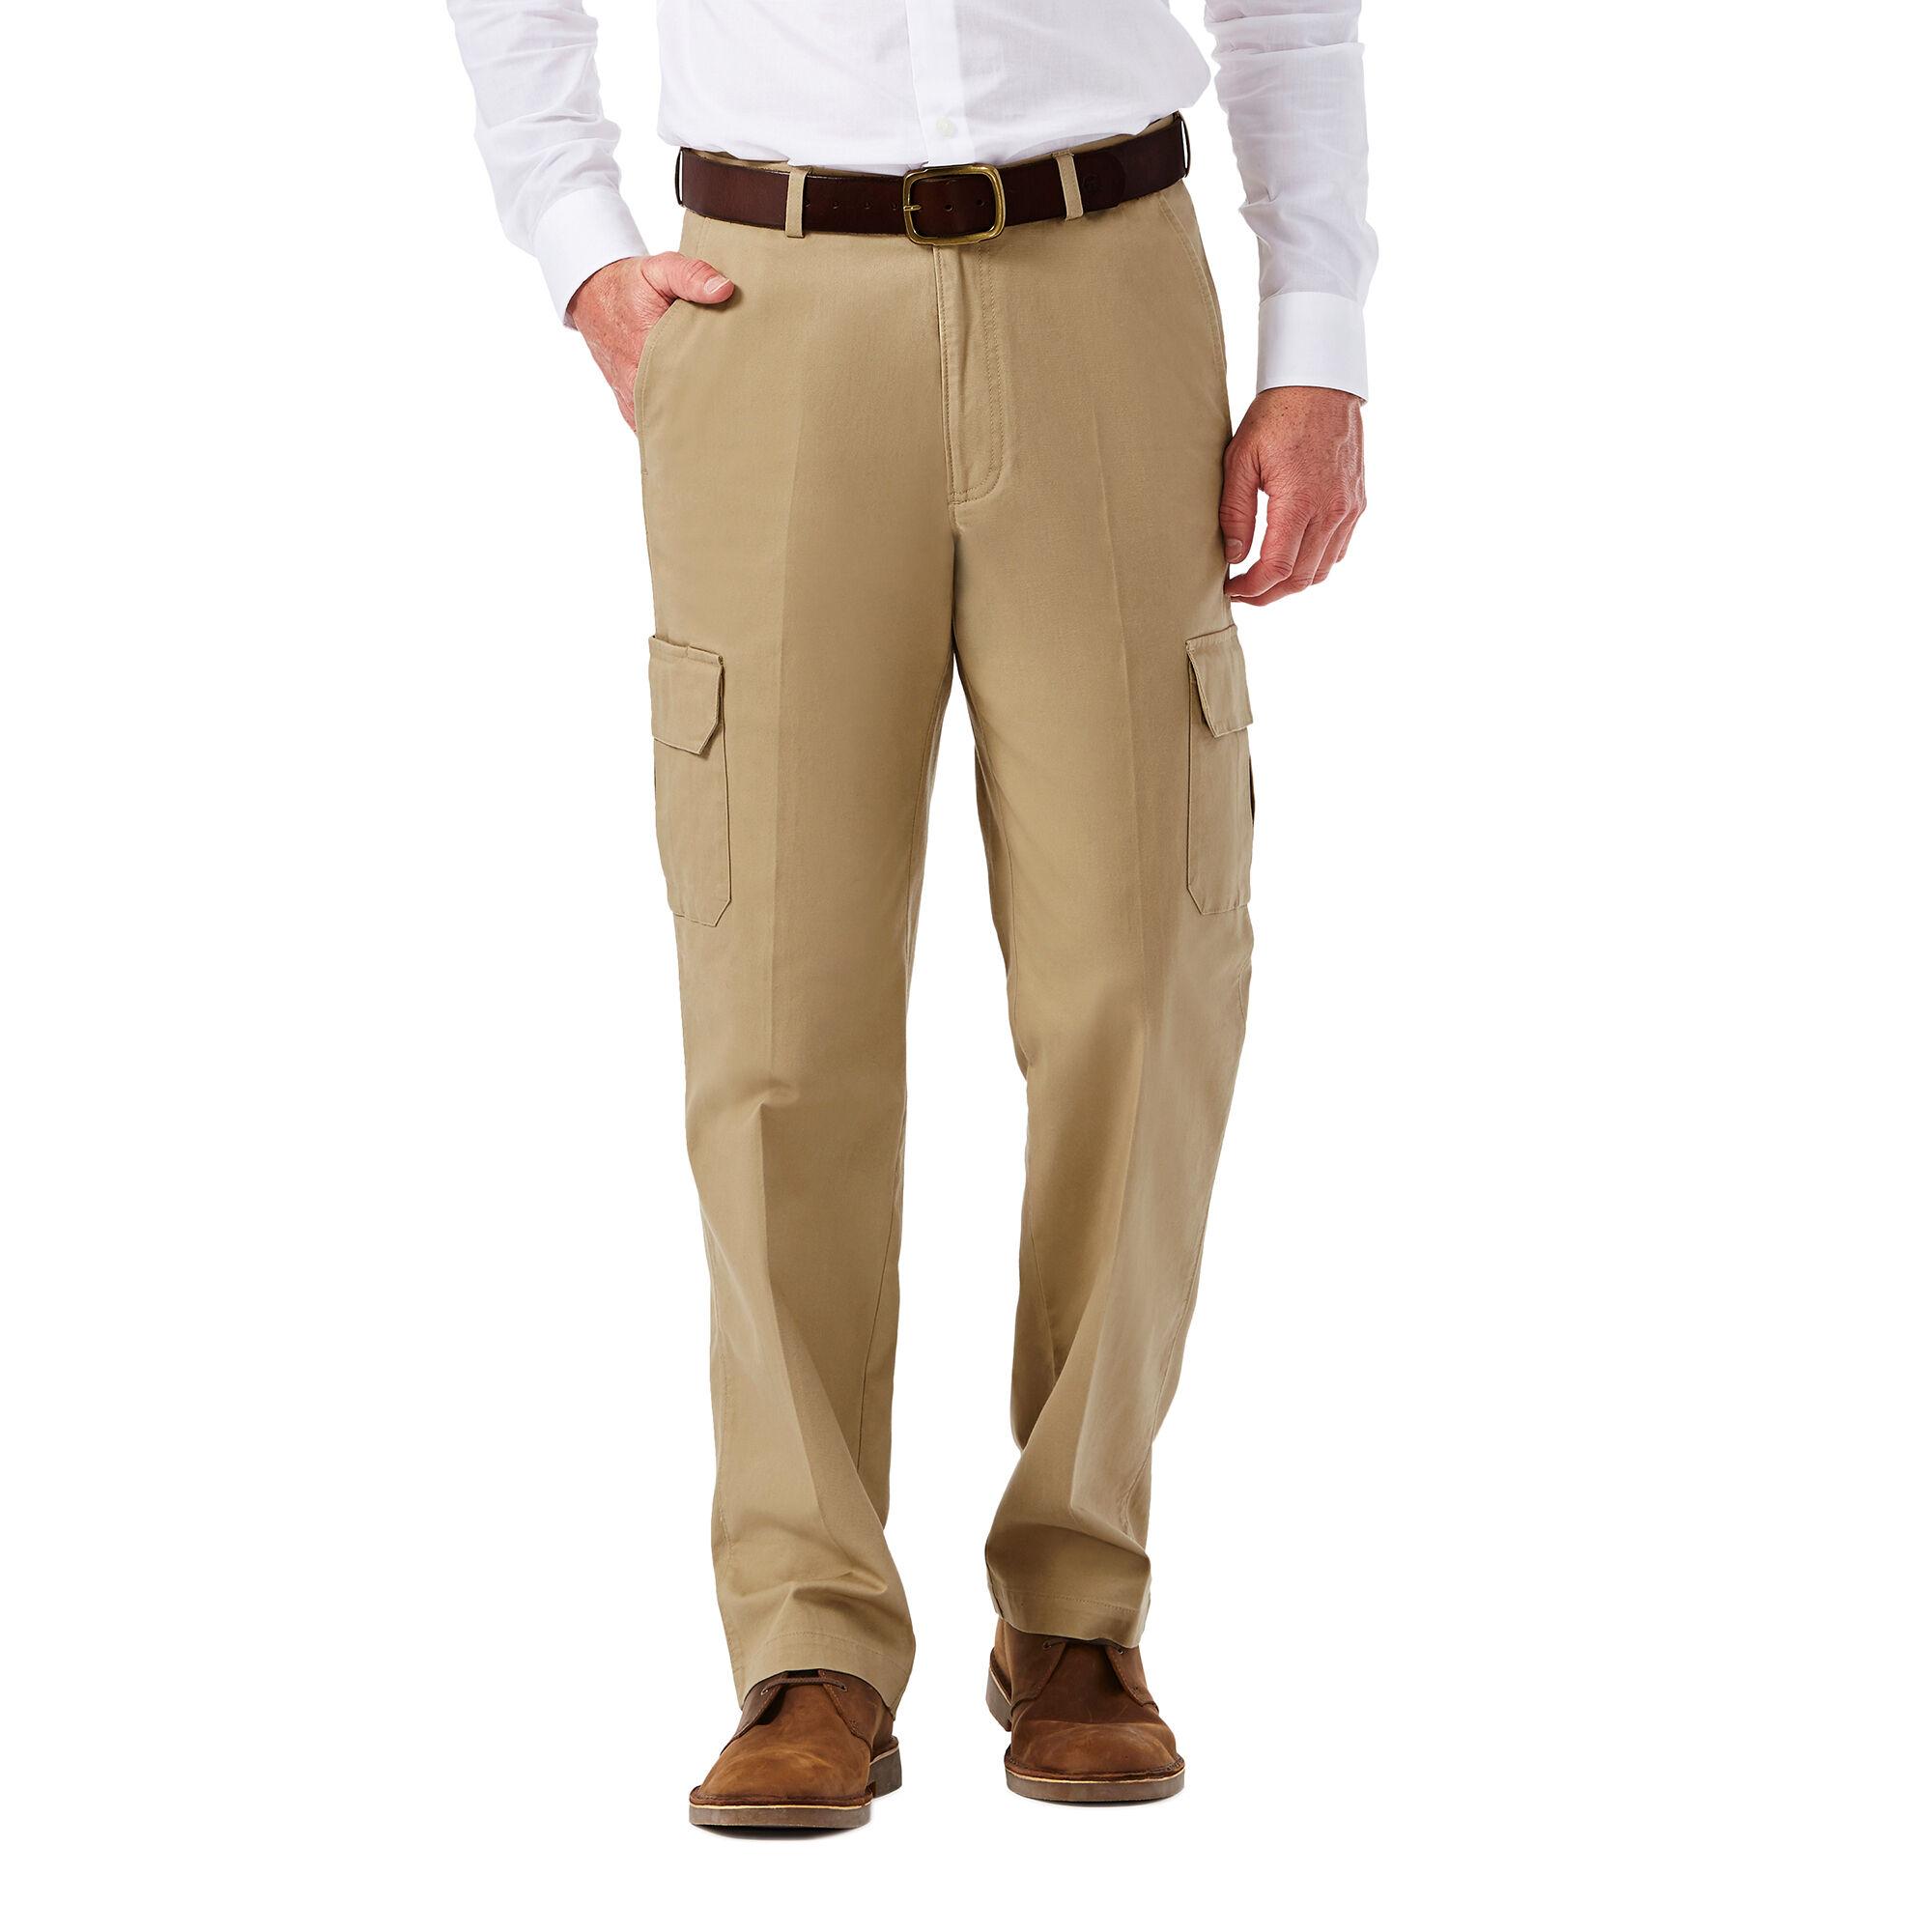 77e7c351 Stretch Comfort Cargo Pant | Classic Fit, Flat Front | Haggar.com